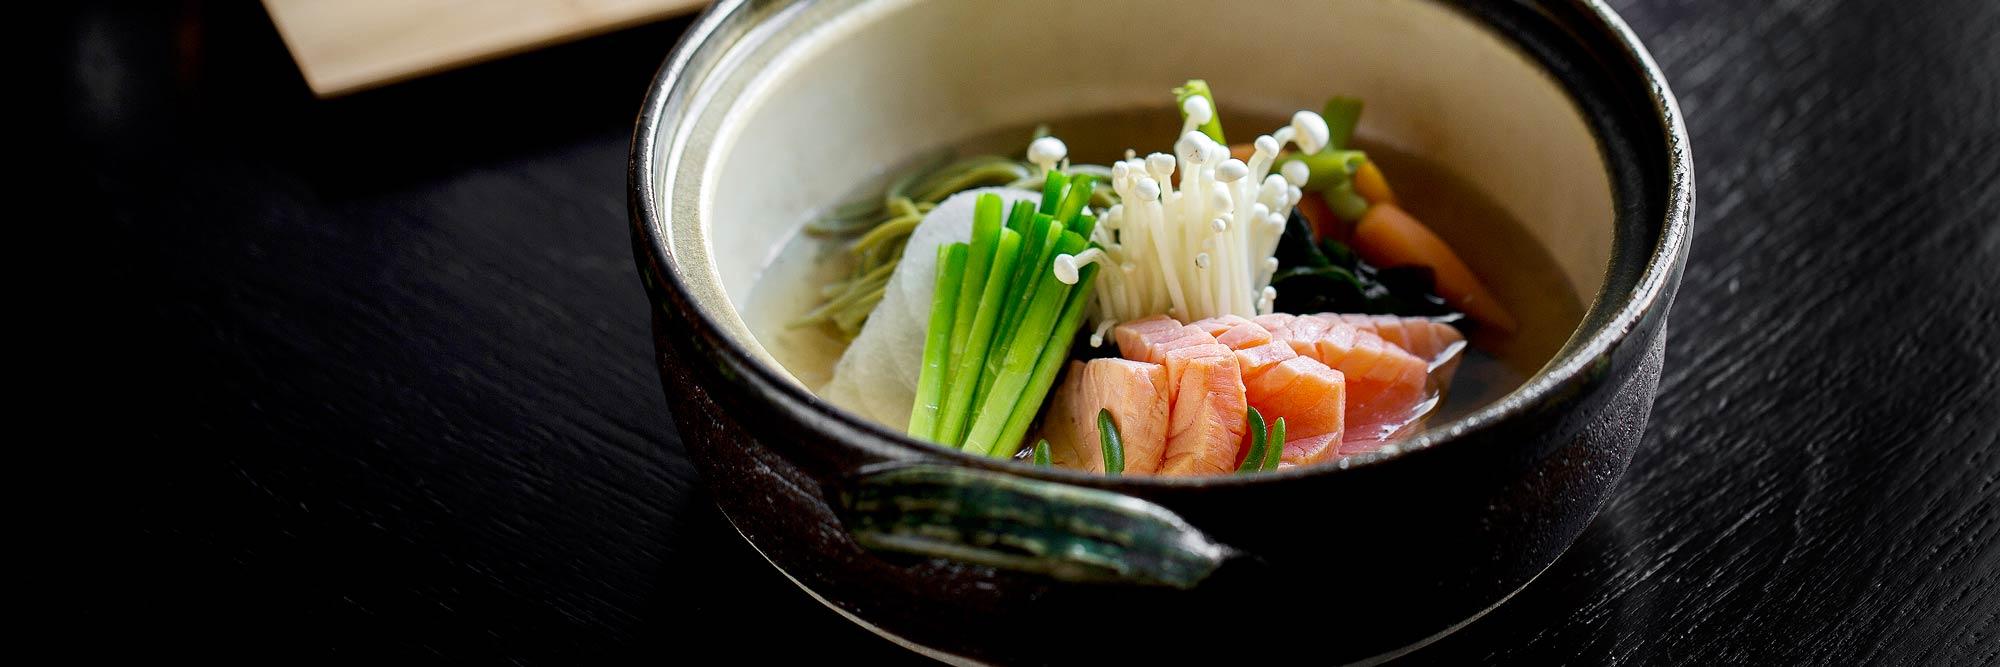 jing-at-aqua-kyoto_lifestyle_blog